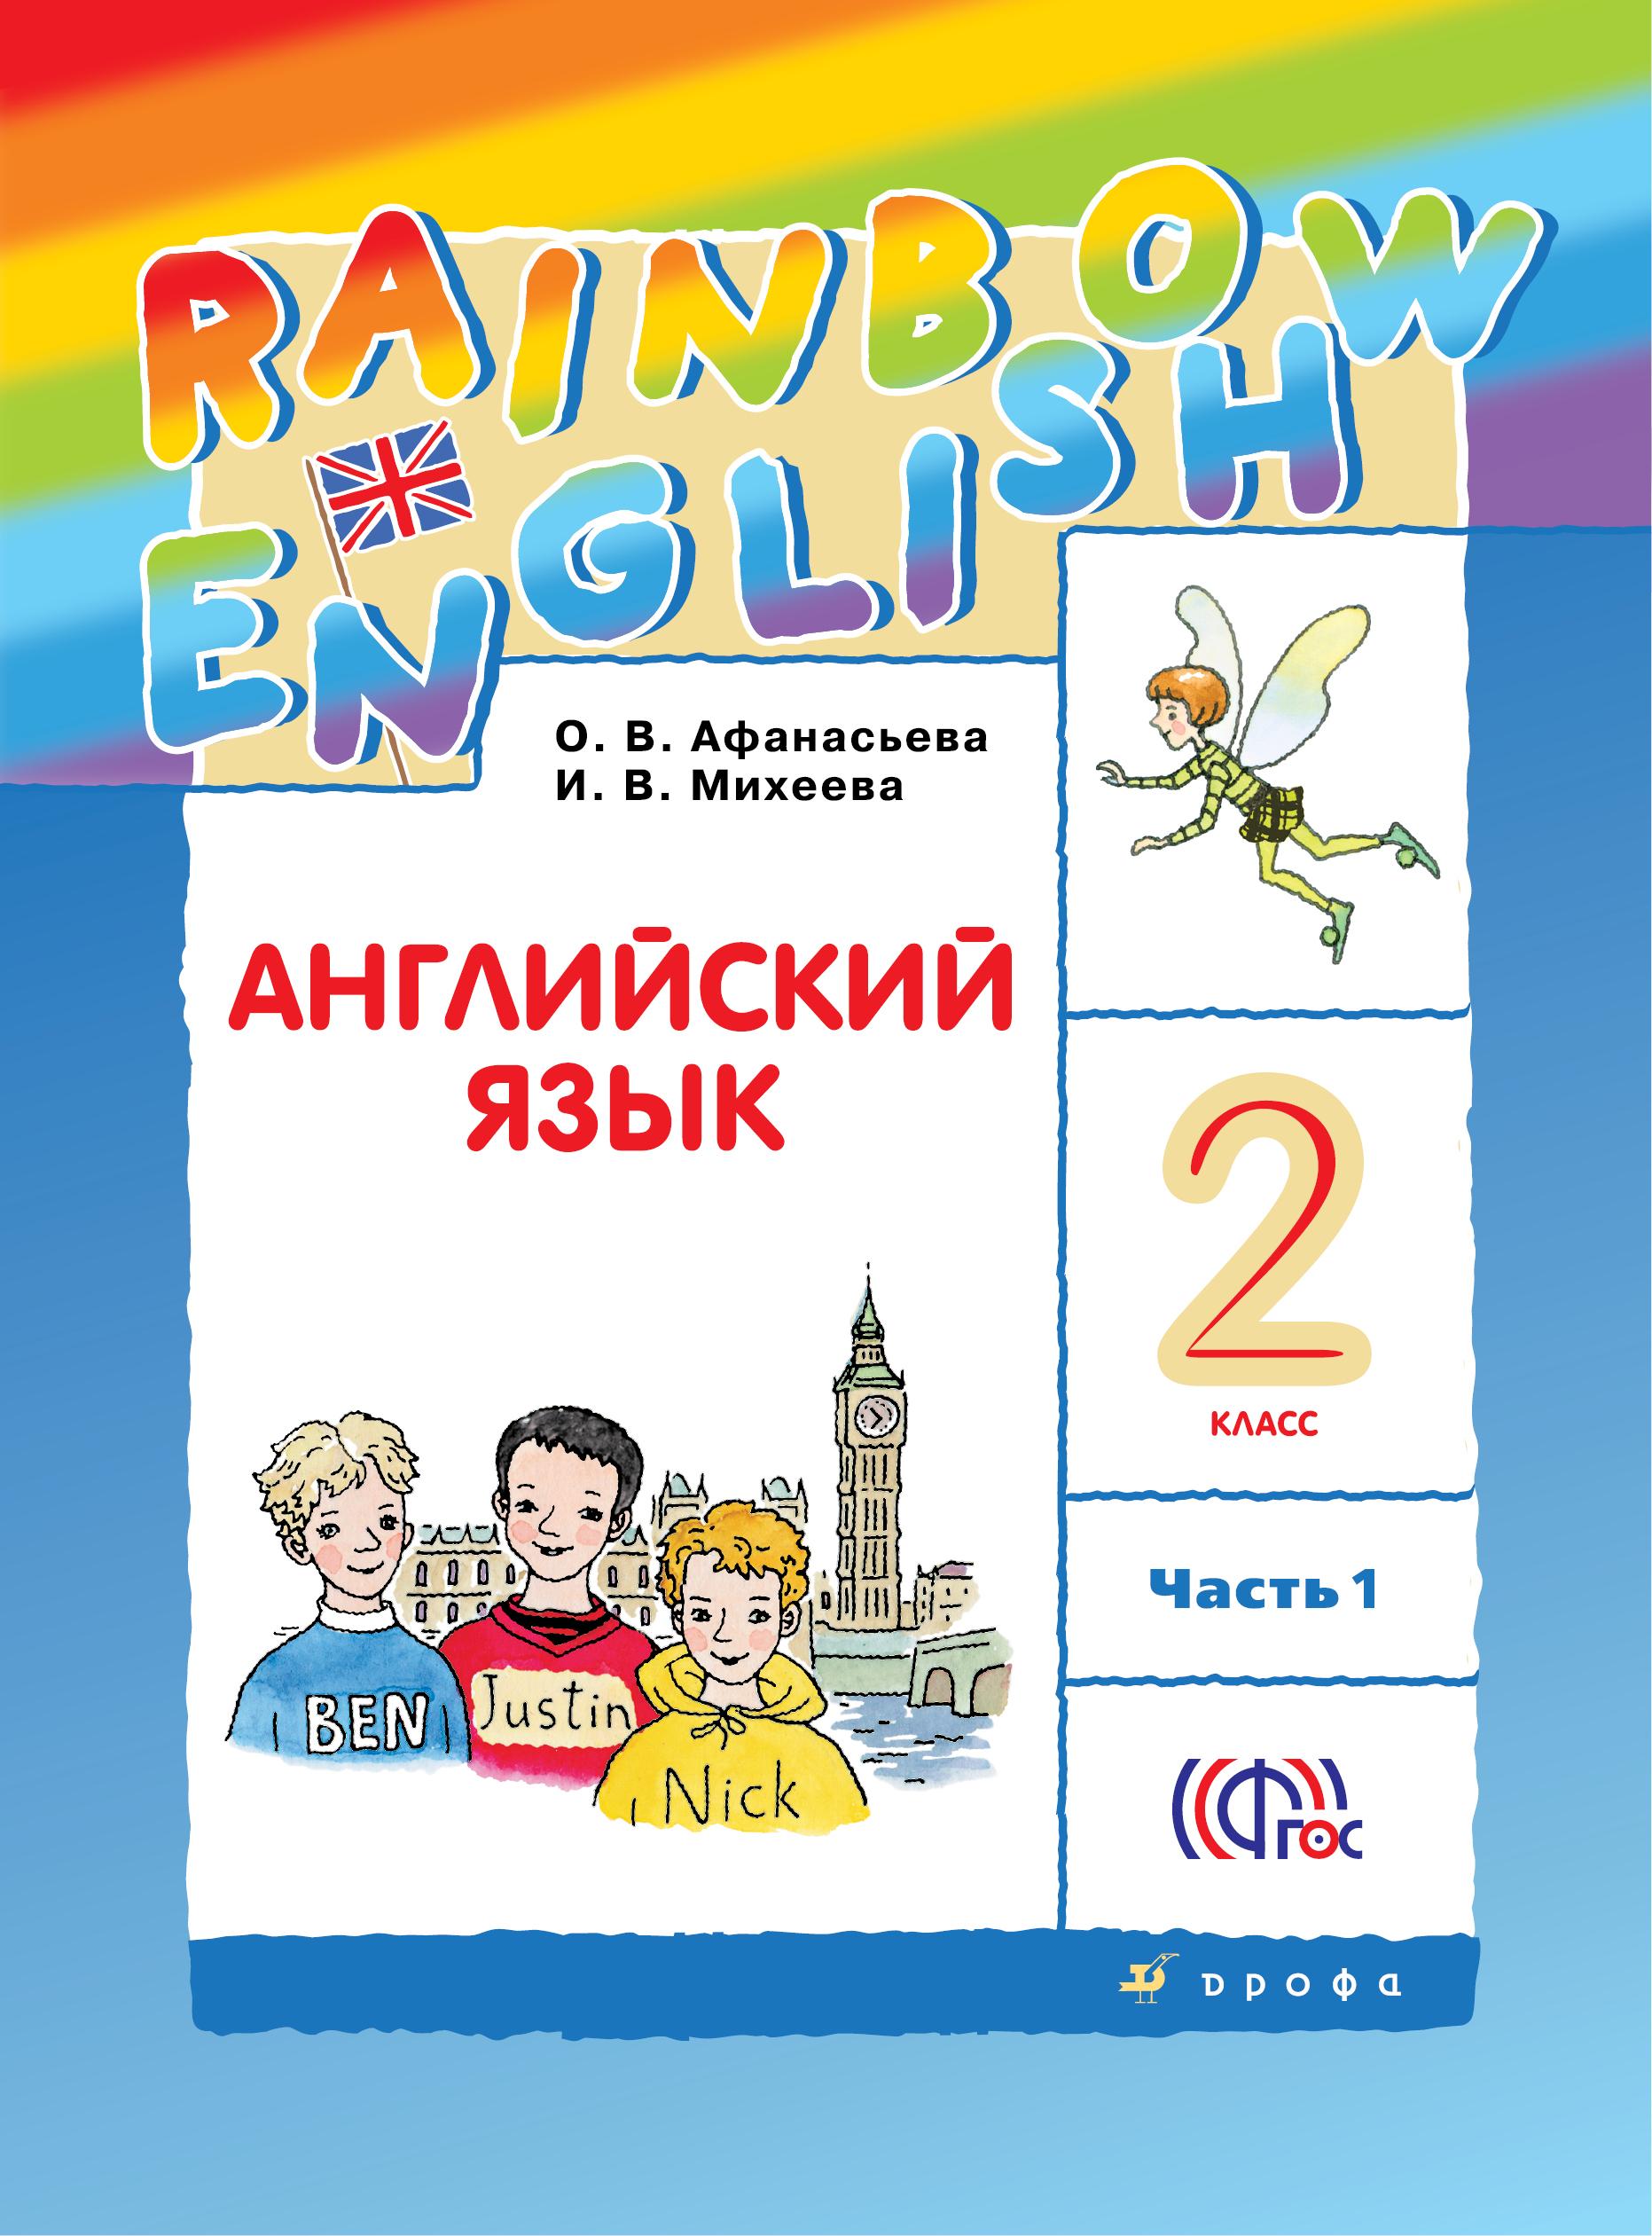 О. В. Афанасьева, И. В. Михеева Английский язык. 2 класс. Учебник. В 2 частях. Часть 1